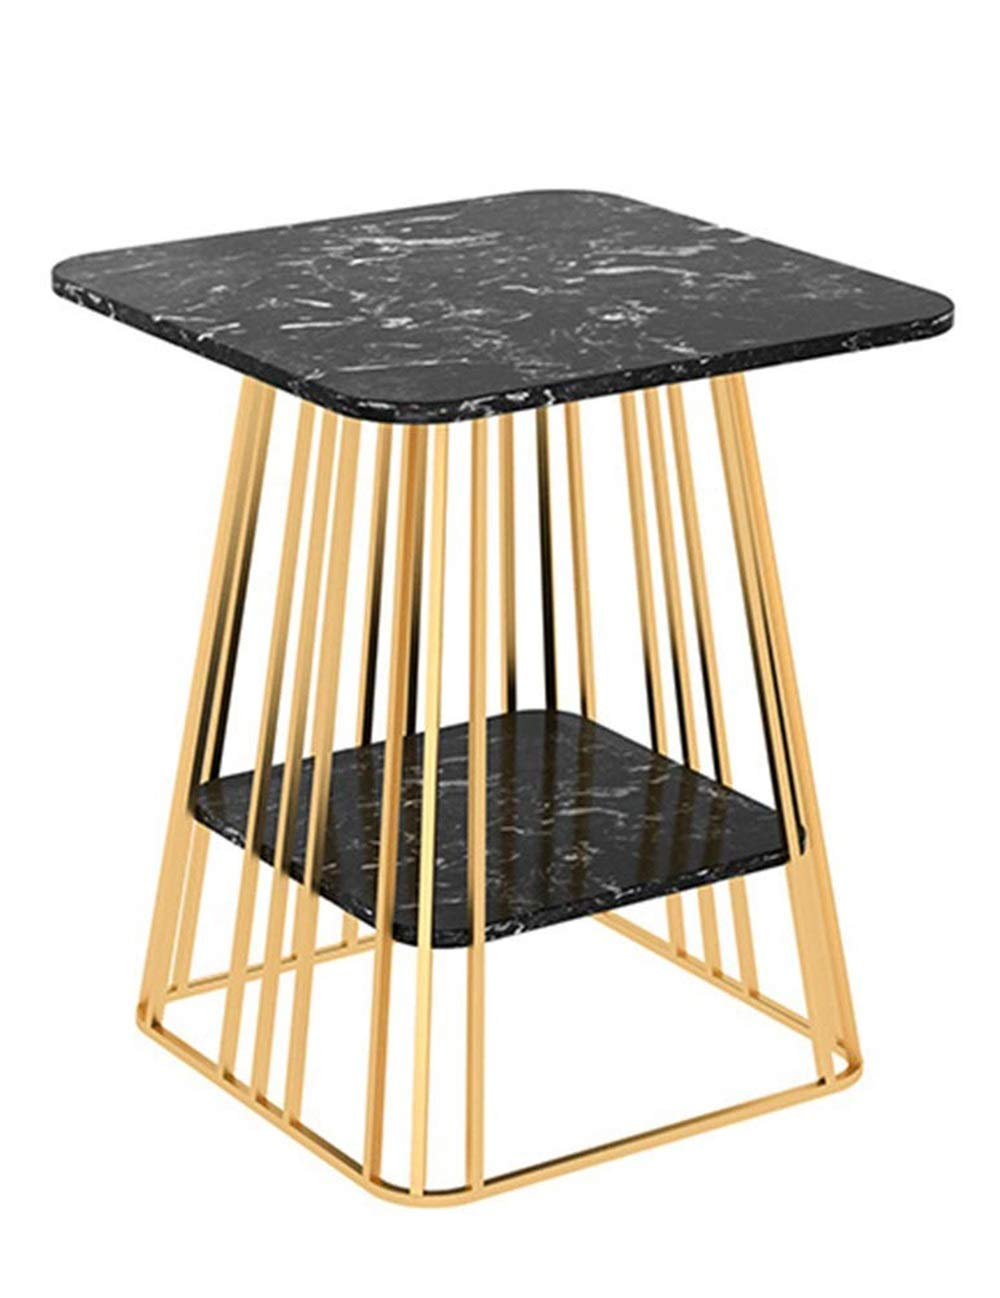 リビングルームの大理石のコーヒーテーブル/錬鉄製のサイドテーブル、モダンなクリエイティブレジャーテーブルのベッドサイドテーブル、白黒オプション(50×50×60cm) B07QLTFTLY black